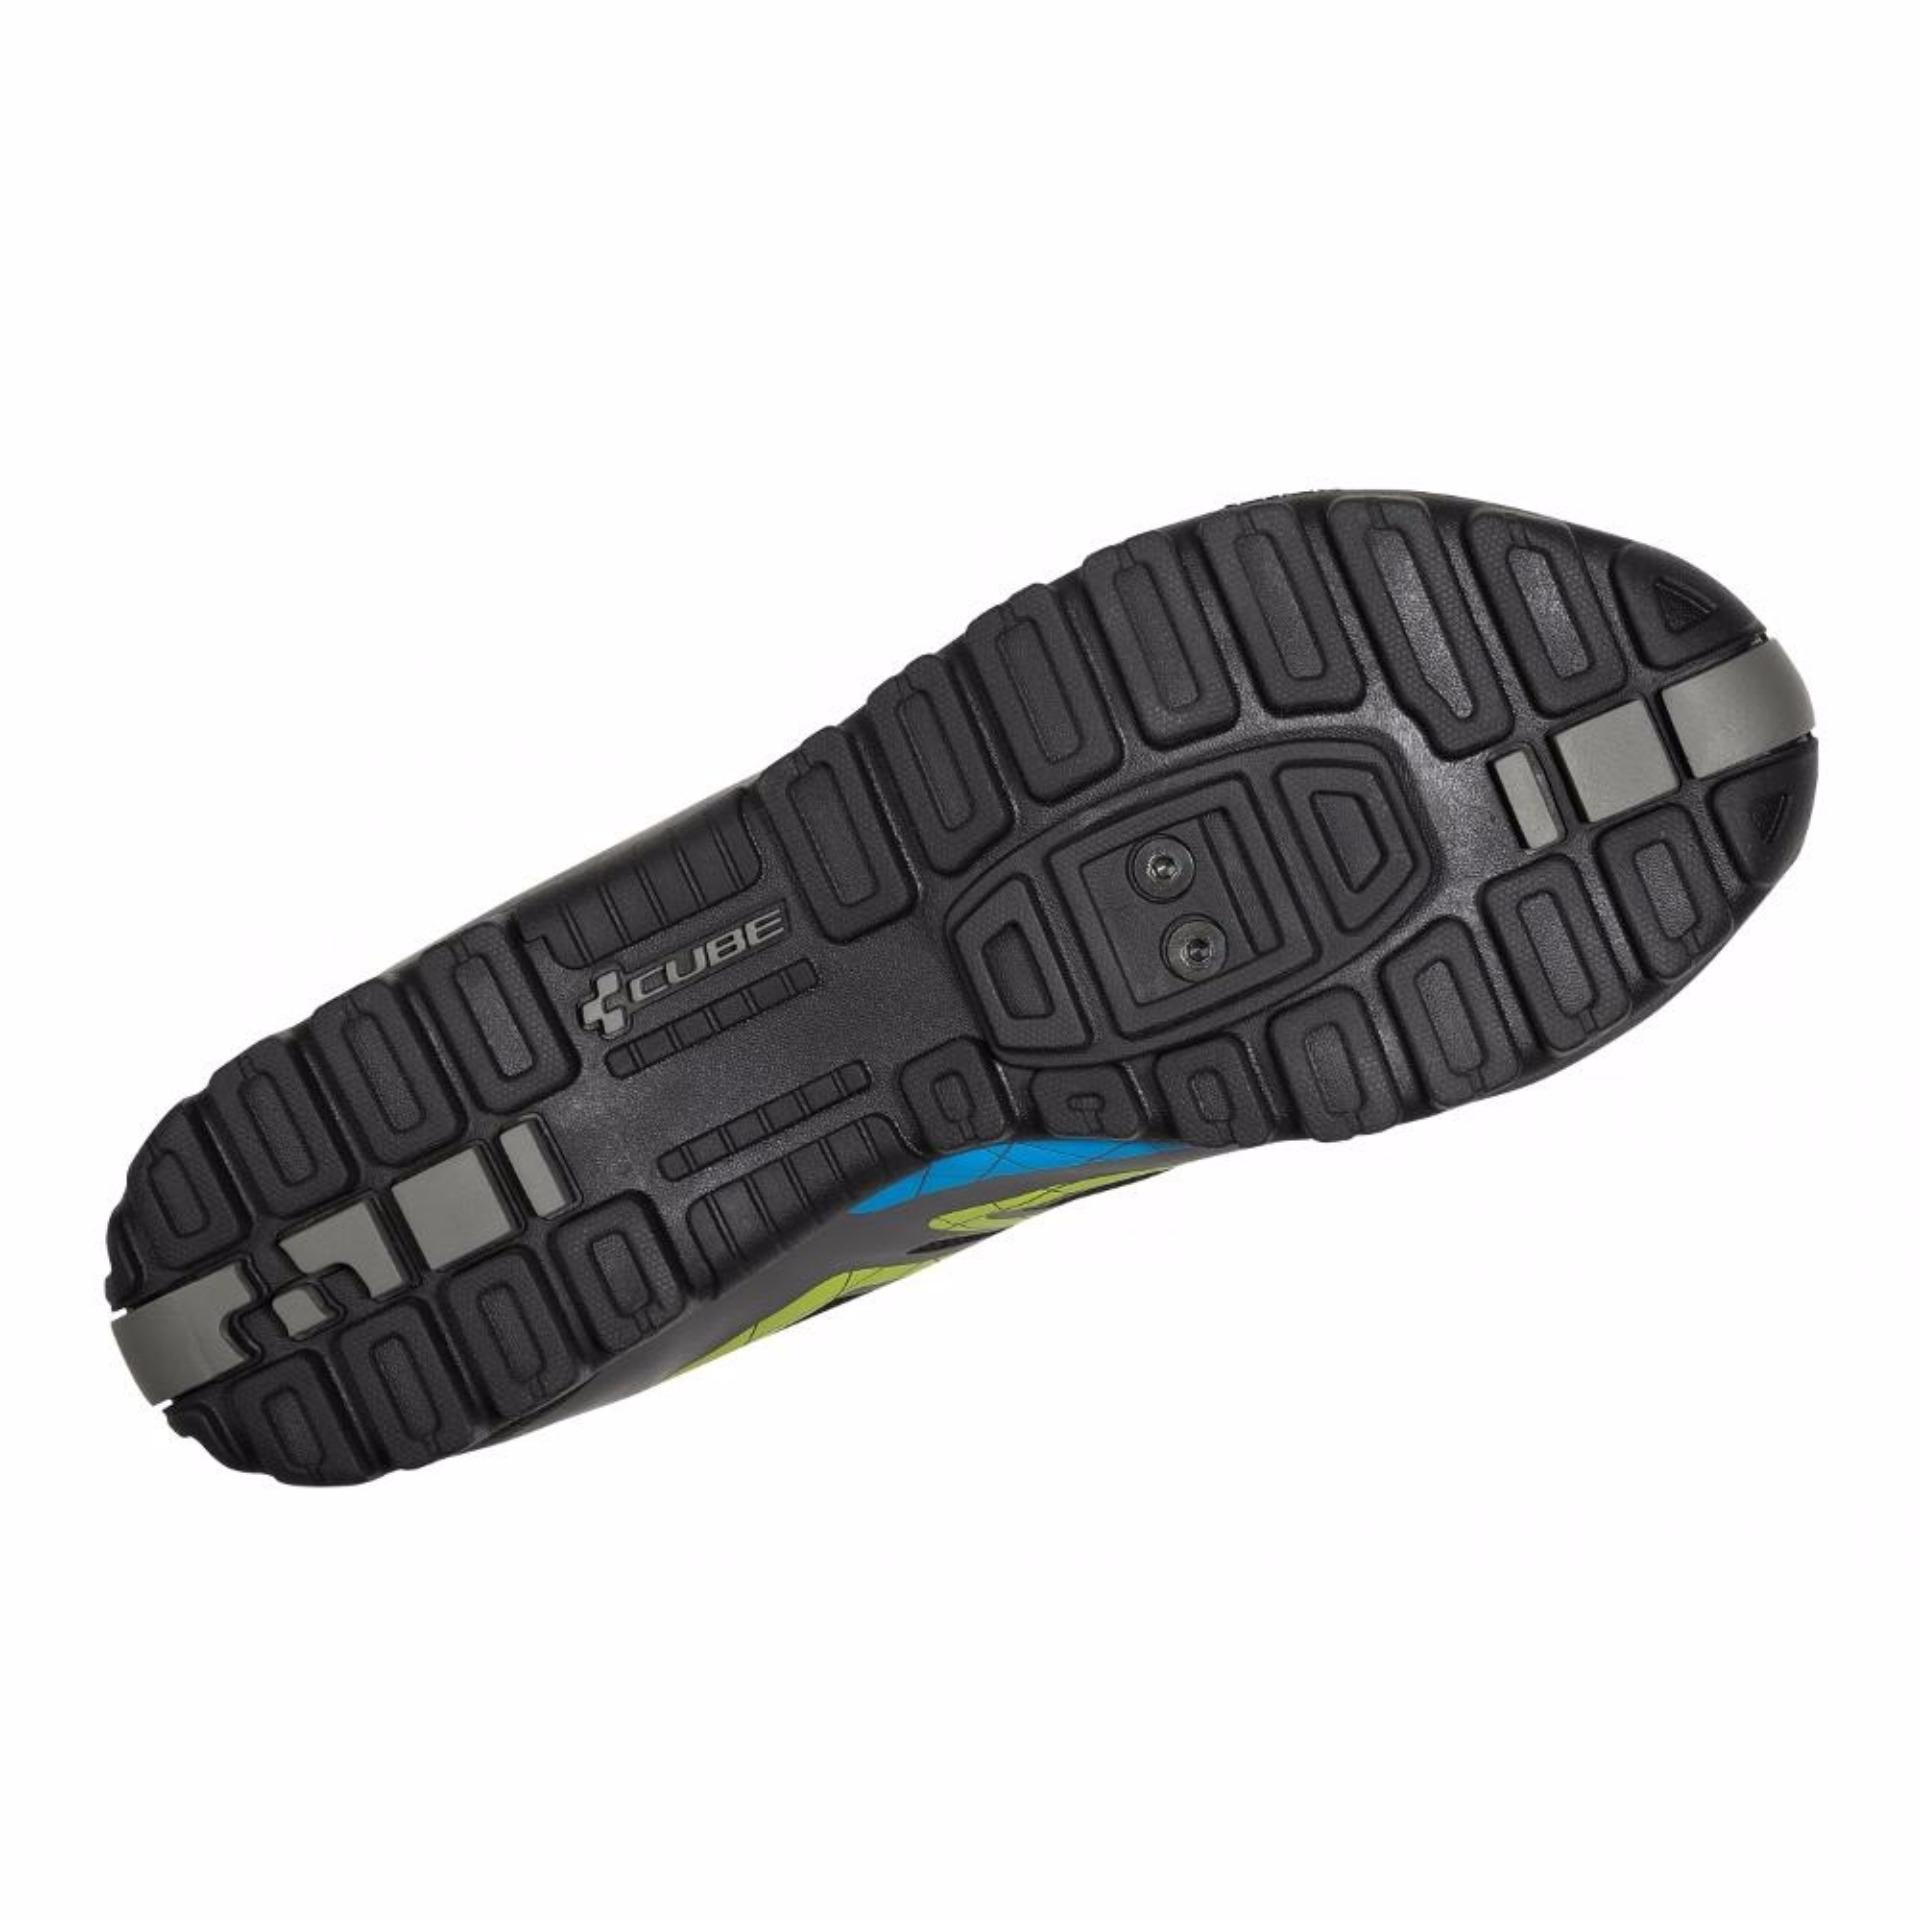 Shimano Sepatu Sh M065 Hitam Daftar Harga Terlengkap Indonesia Shoes Am500 Sepeda Cube All Mountain 17016